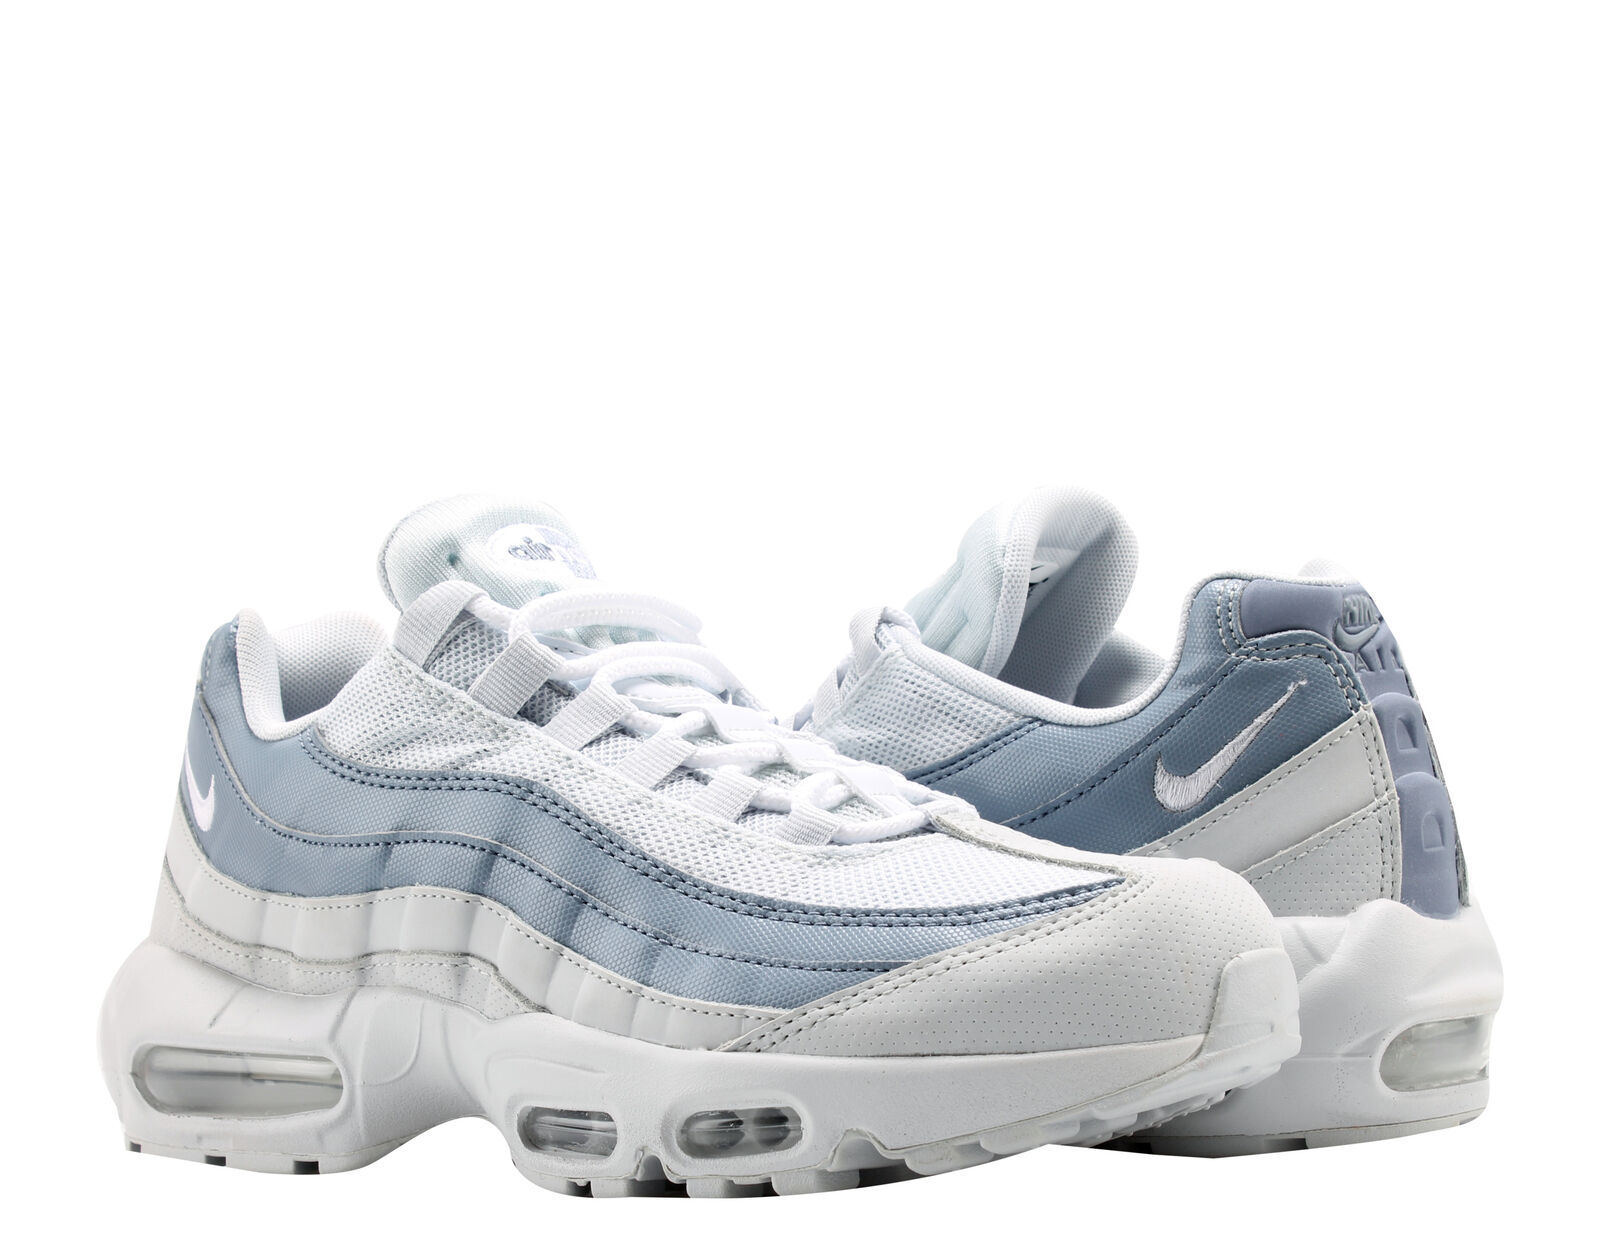 Nike Air Max 95 Essential Platinum  bianca  Men's Running scarpe 749766 -036  memorizzare